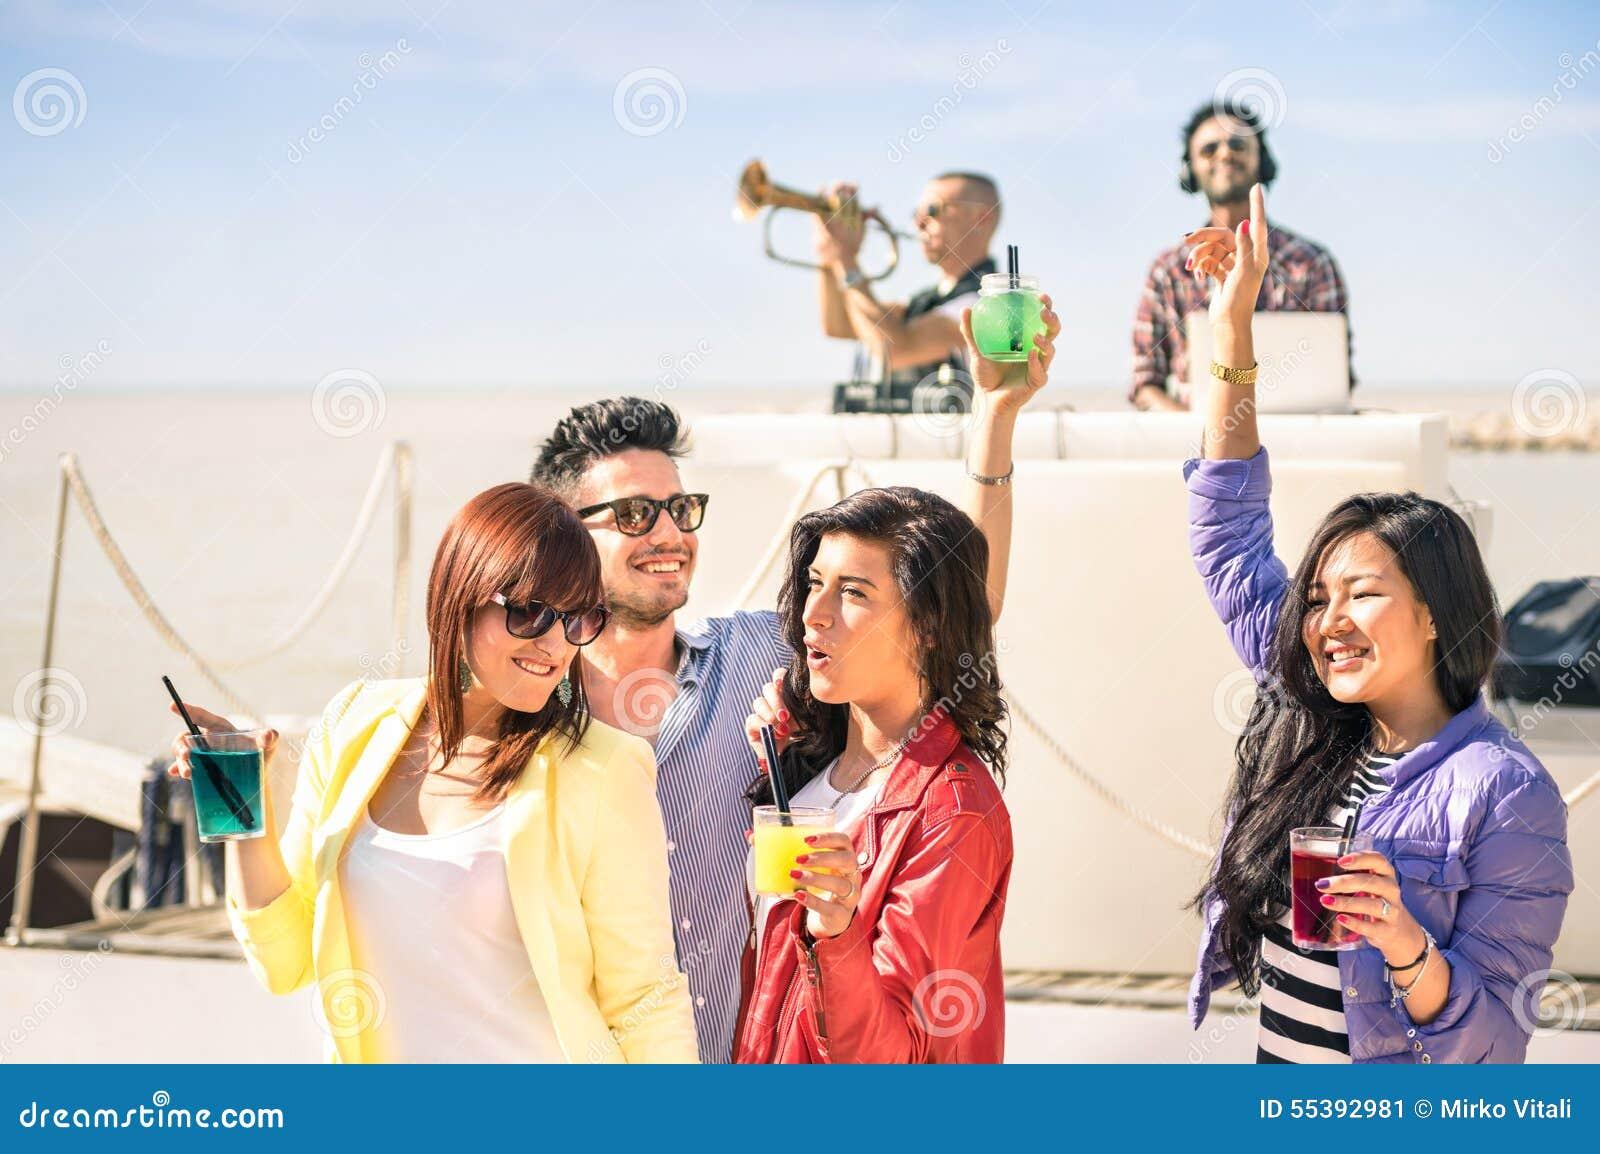 Φοβιτσιάρης μουσική χορού ανθρώπων και κατοχή της διασκέδασης μαζί στην παραλία rave